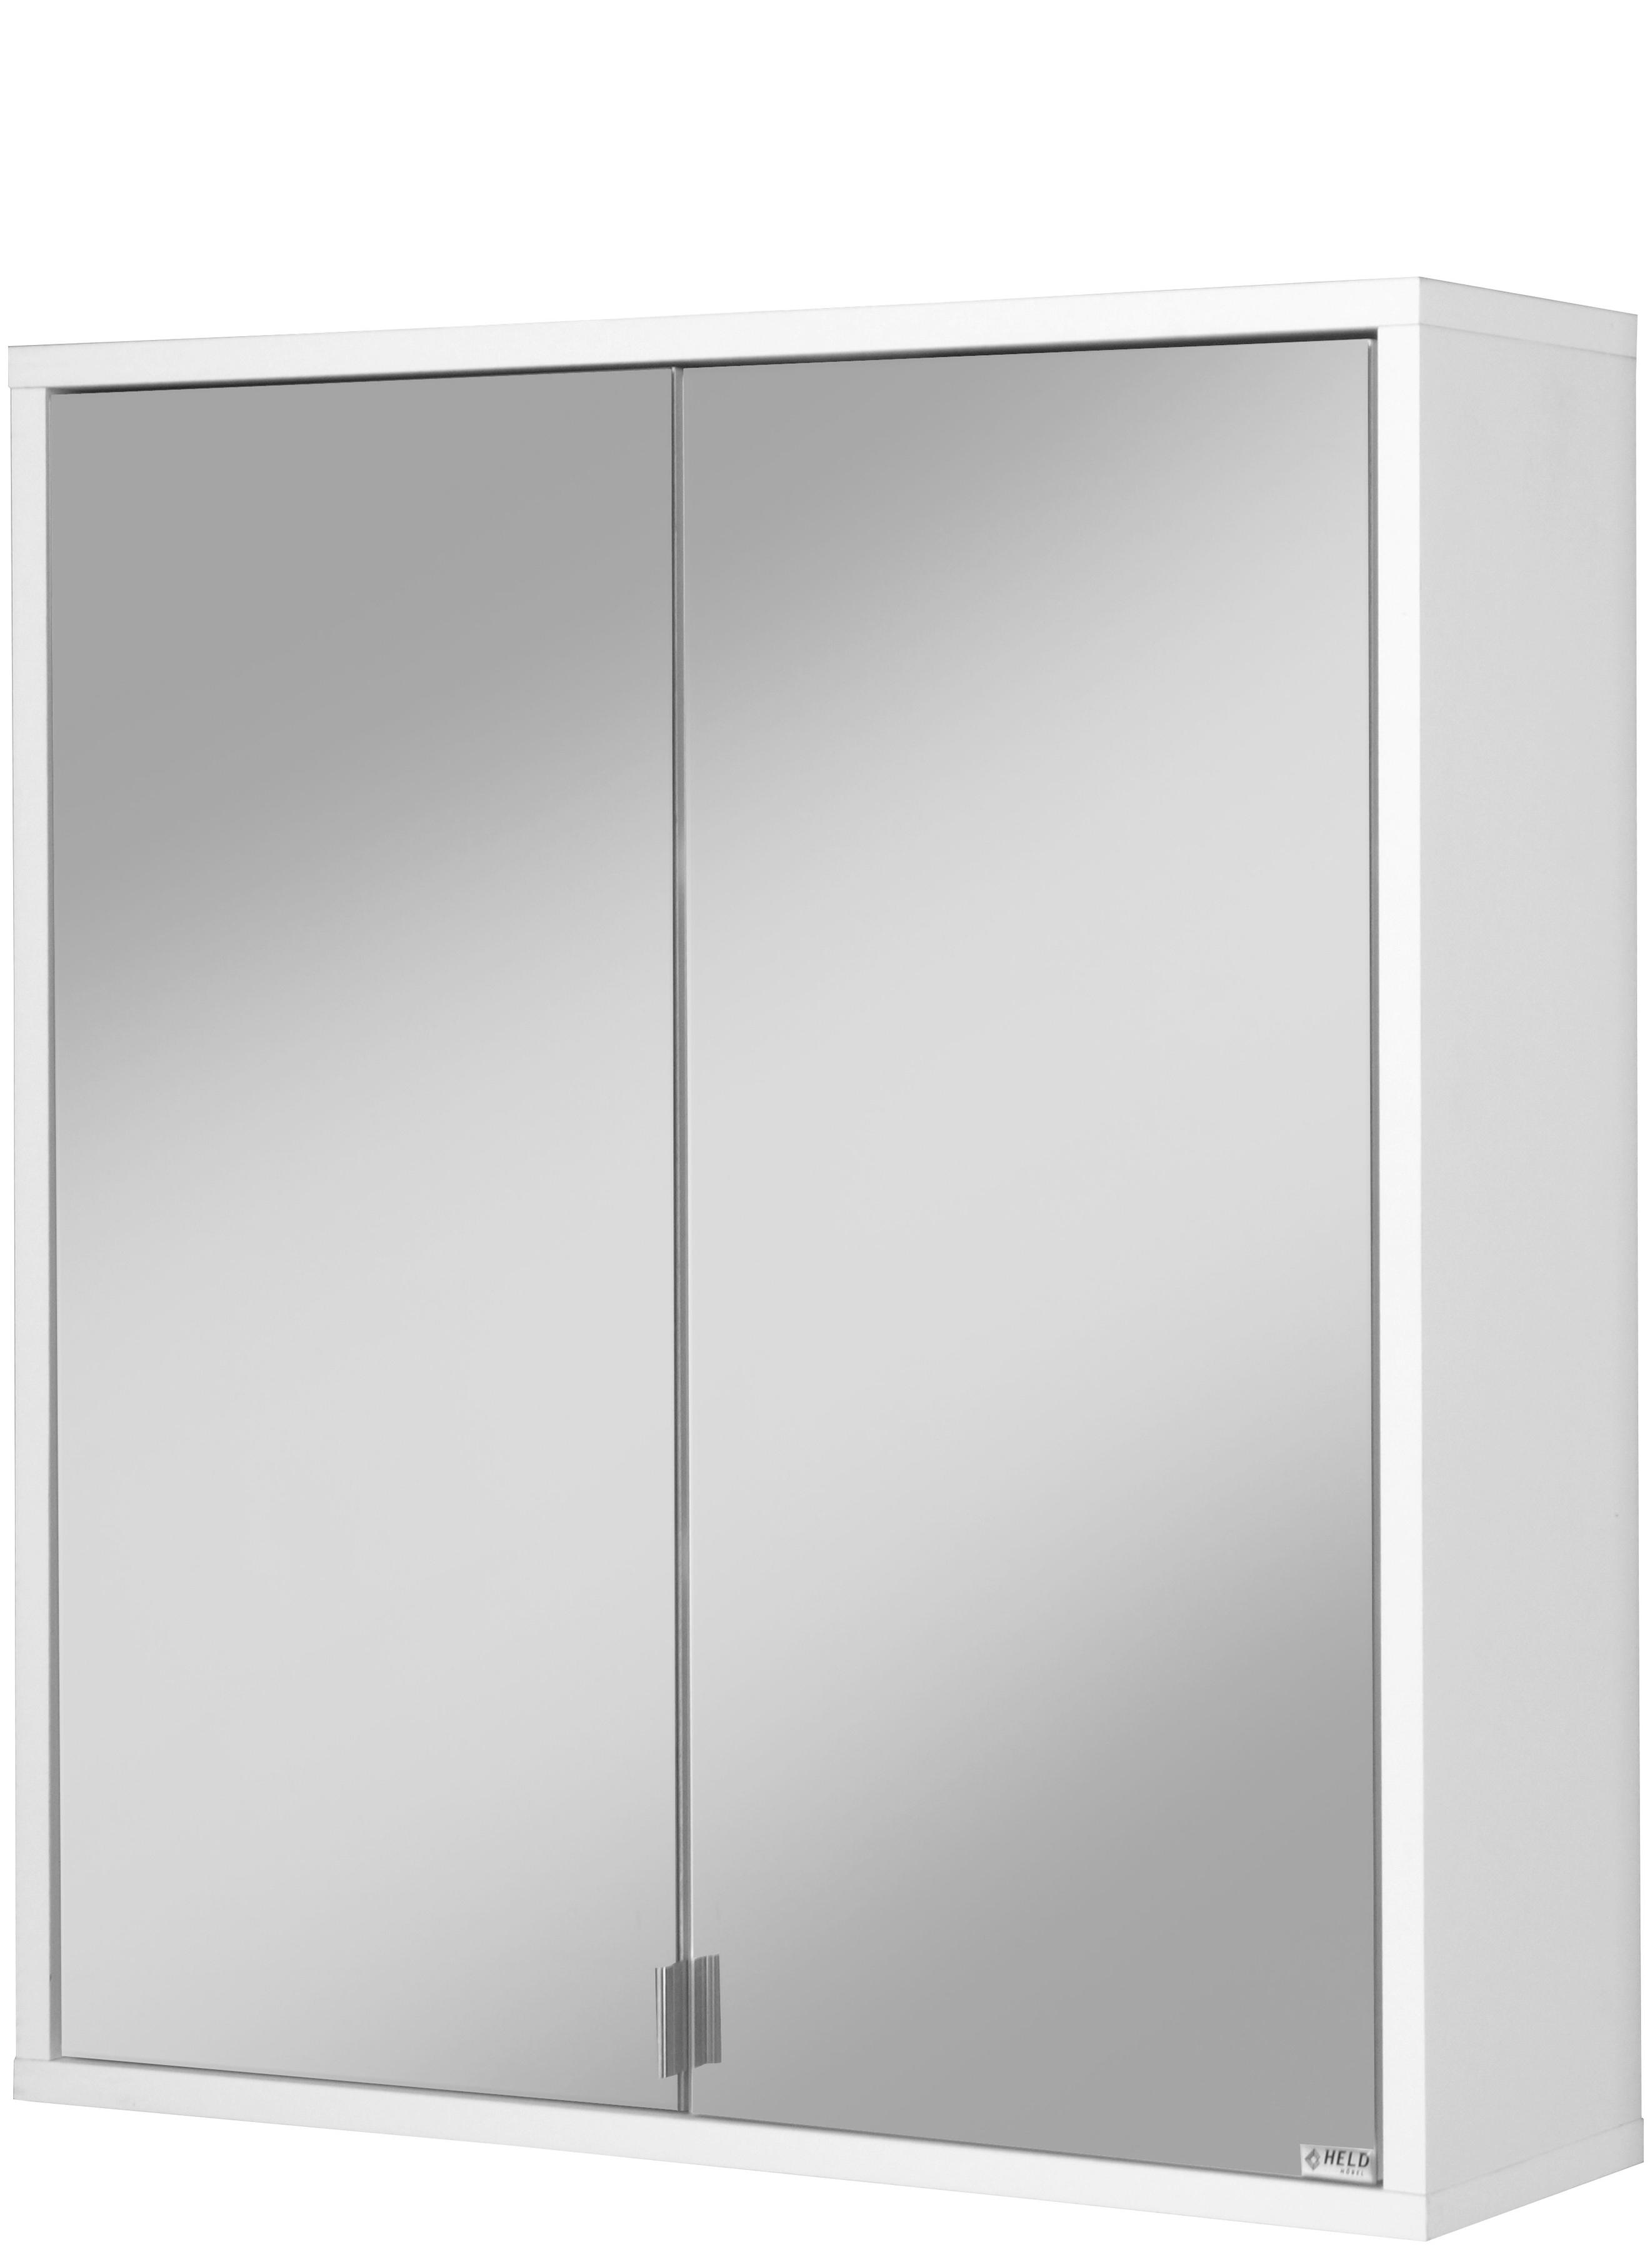 HELD MÖBEL Spiegelschrank Retro, Breite 60 cm | Bad > Badmöbel > Spiegelschränke fürs Bad | Held Möbel